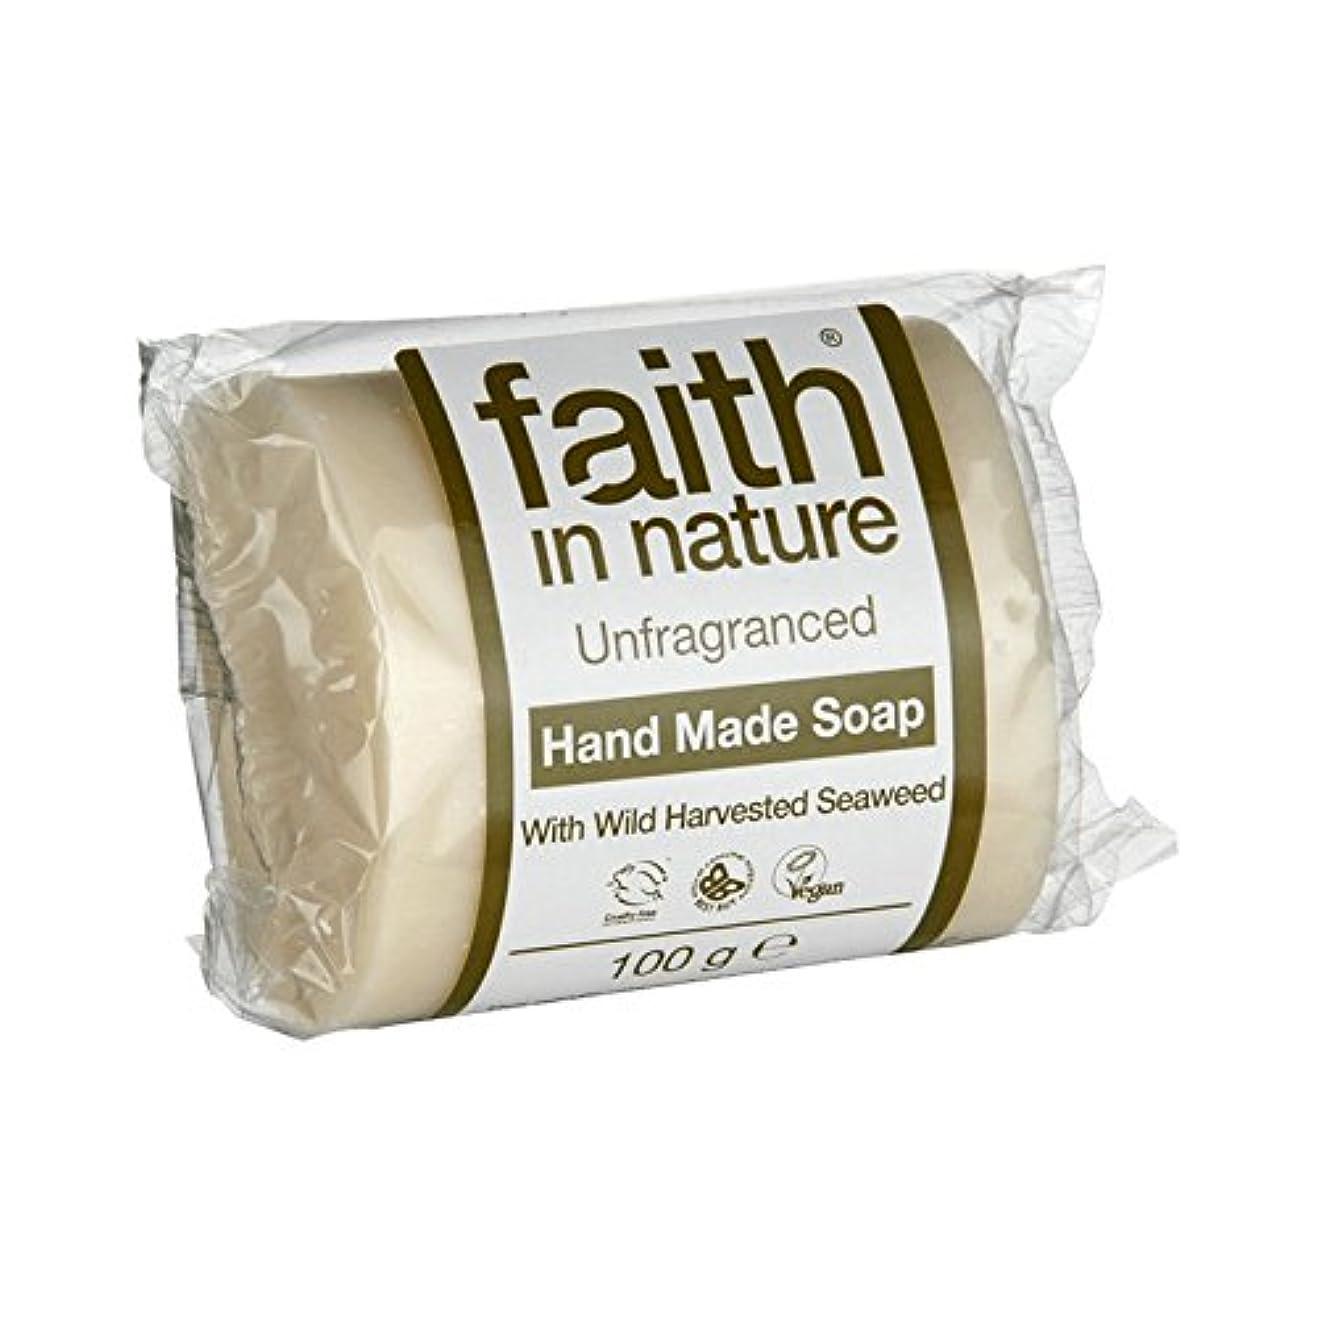 飛ぶ電気技師肌Faith in Nature Unfragranced Seaweed Soap 100g (Pack of 2) - 自然無香料海藻石鹸100グラムの信仰 (x2) [並行輸入品]